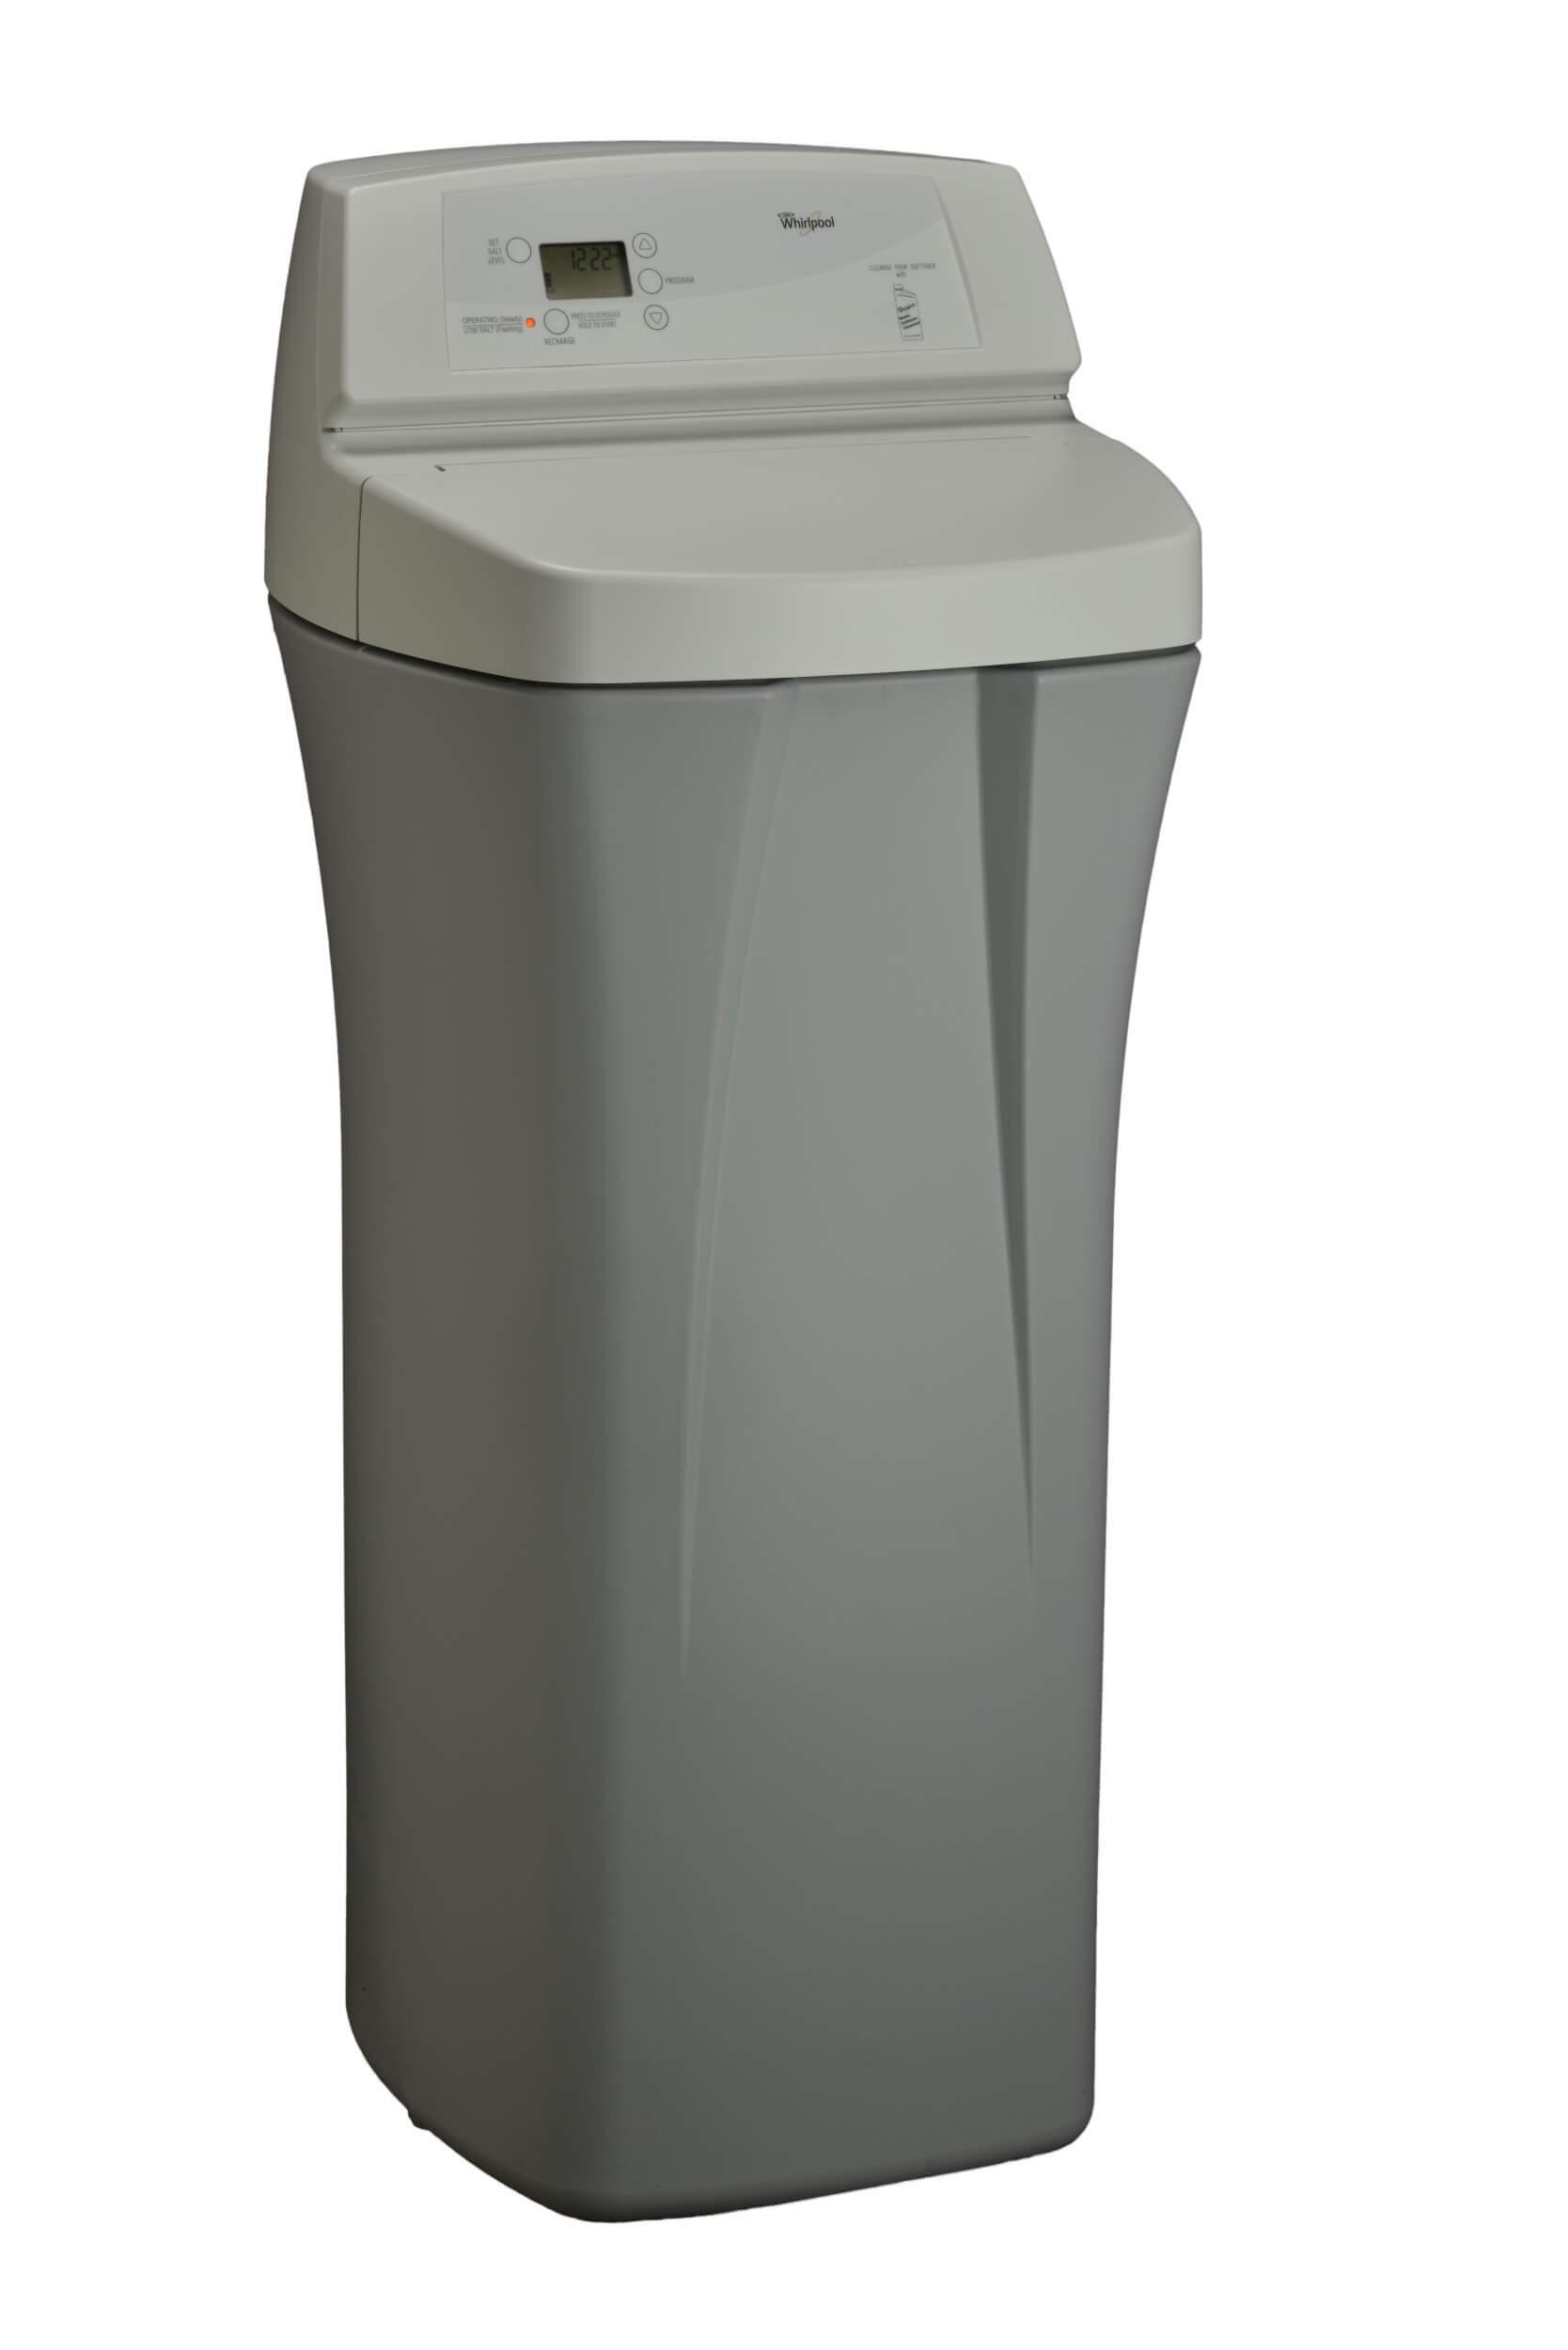 33 000 Grain Capacity Water Softener Whes33 Whirlpool